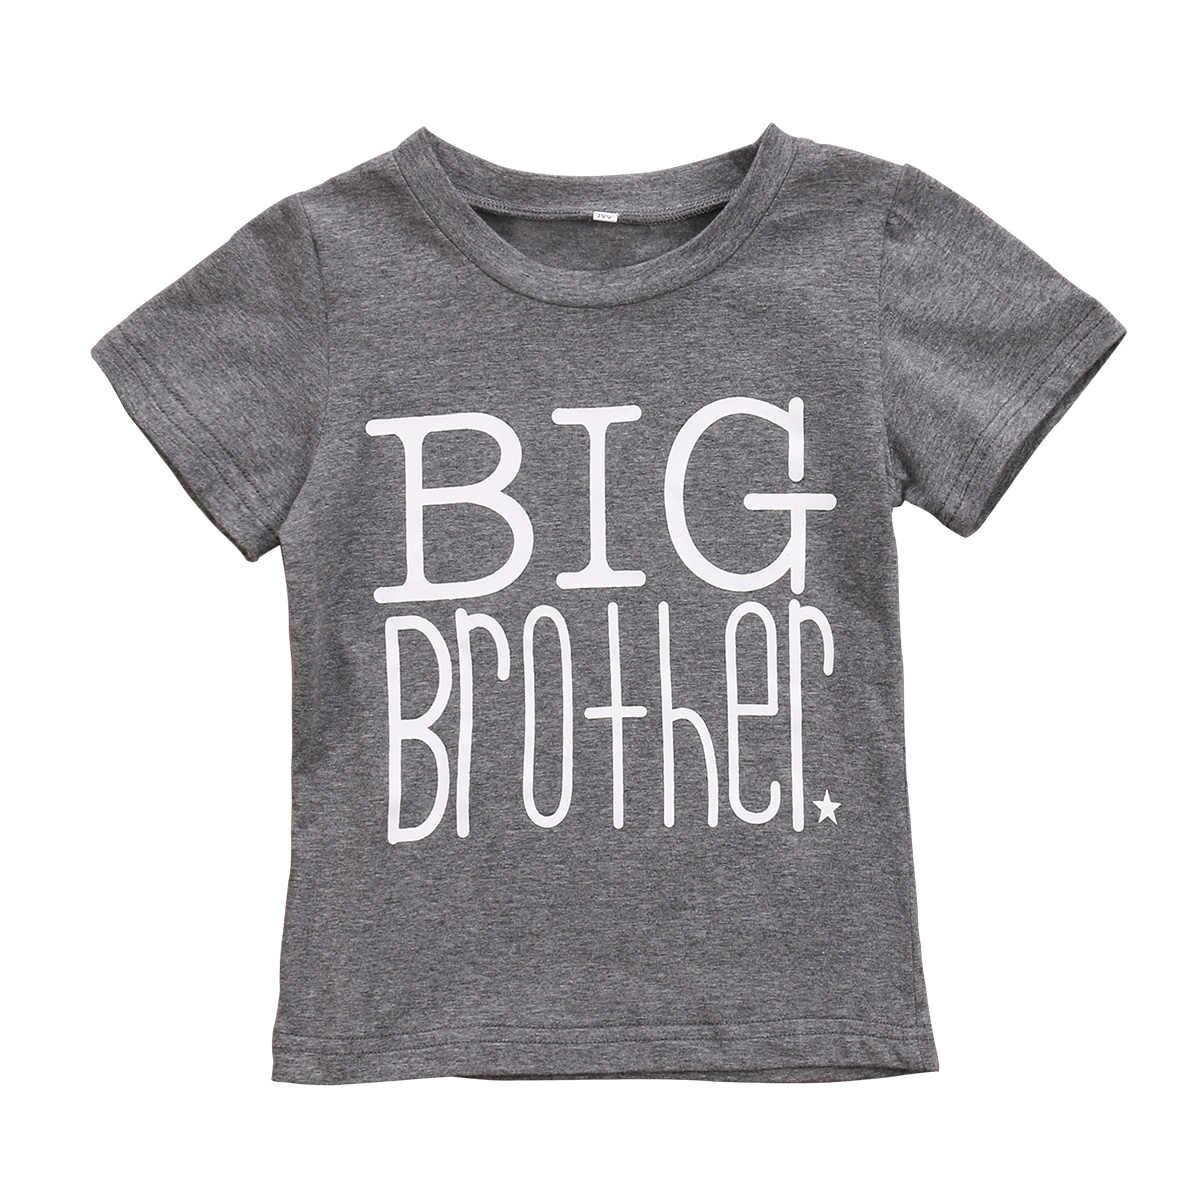 ビッグブラザー妹子供男の子ベビー女の子コットントップスtシャツ/ロンパース服